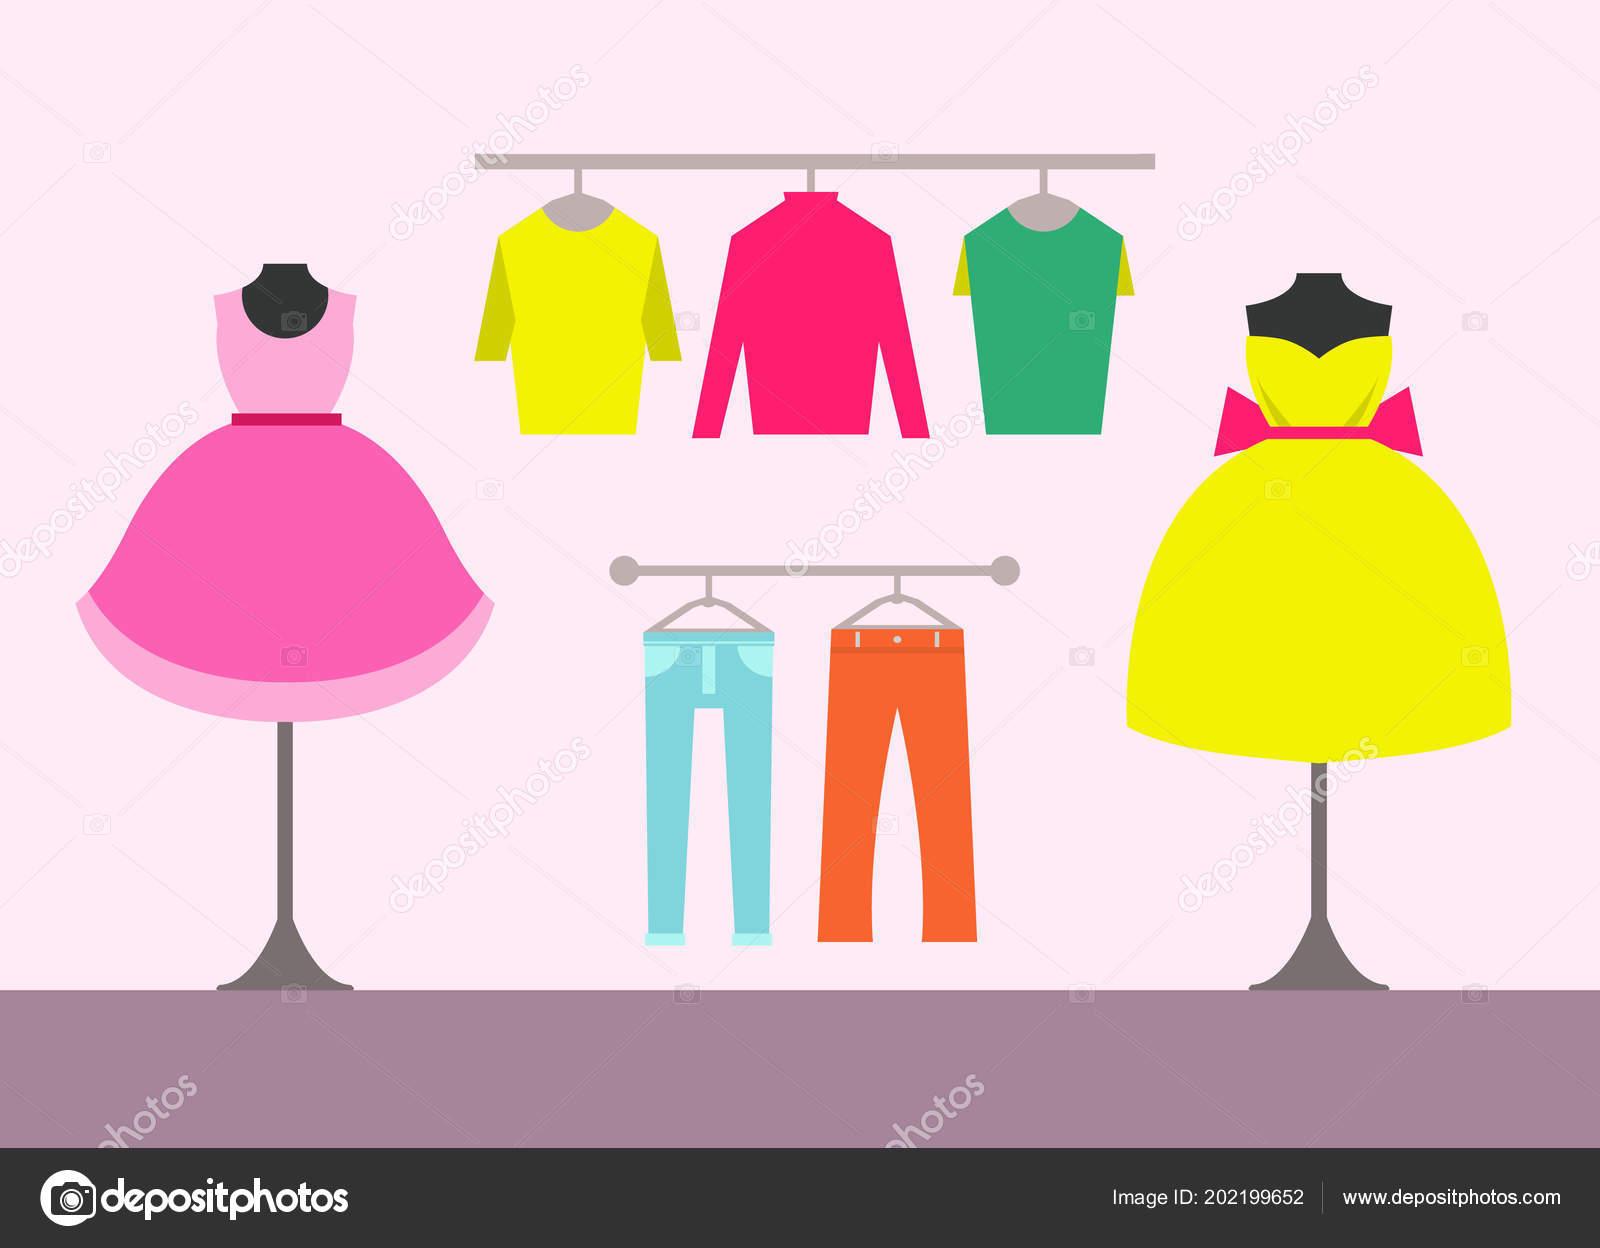 Peças Mulheres Loja Roupas Blusas Cabides Manequins Com Vestidos Calças —  Vetores de Stock 2eb006acbbe